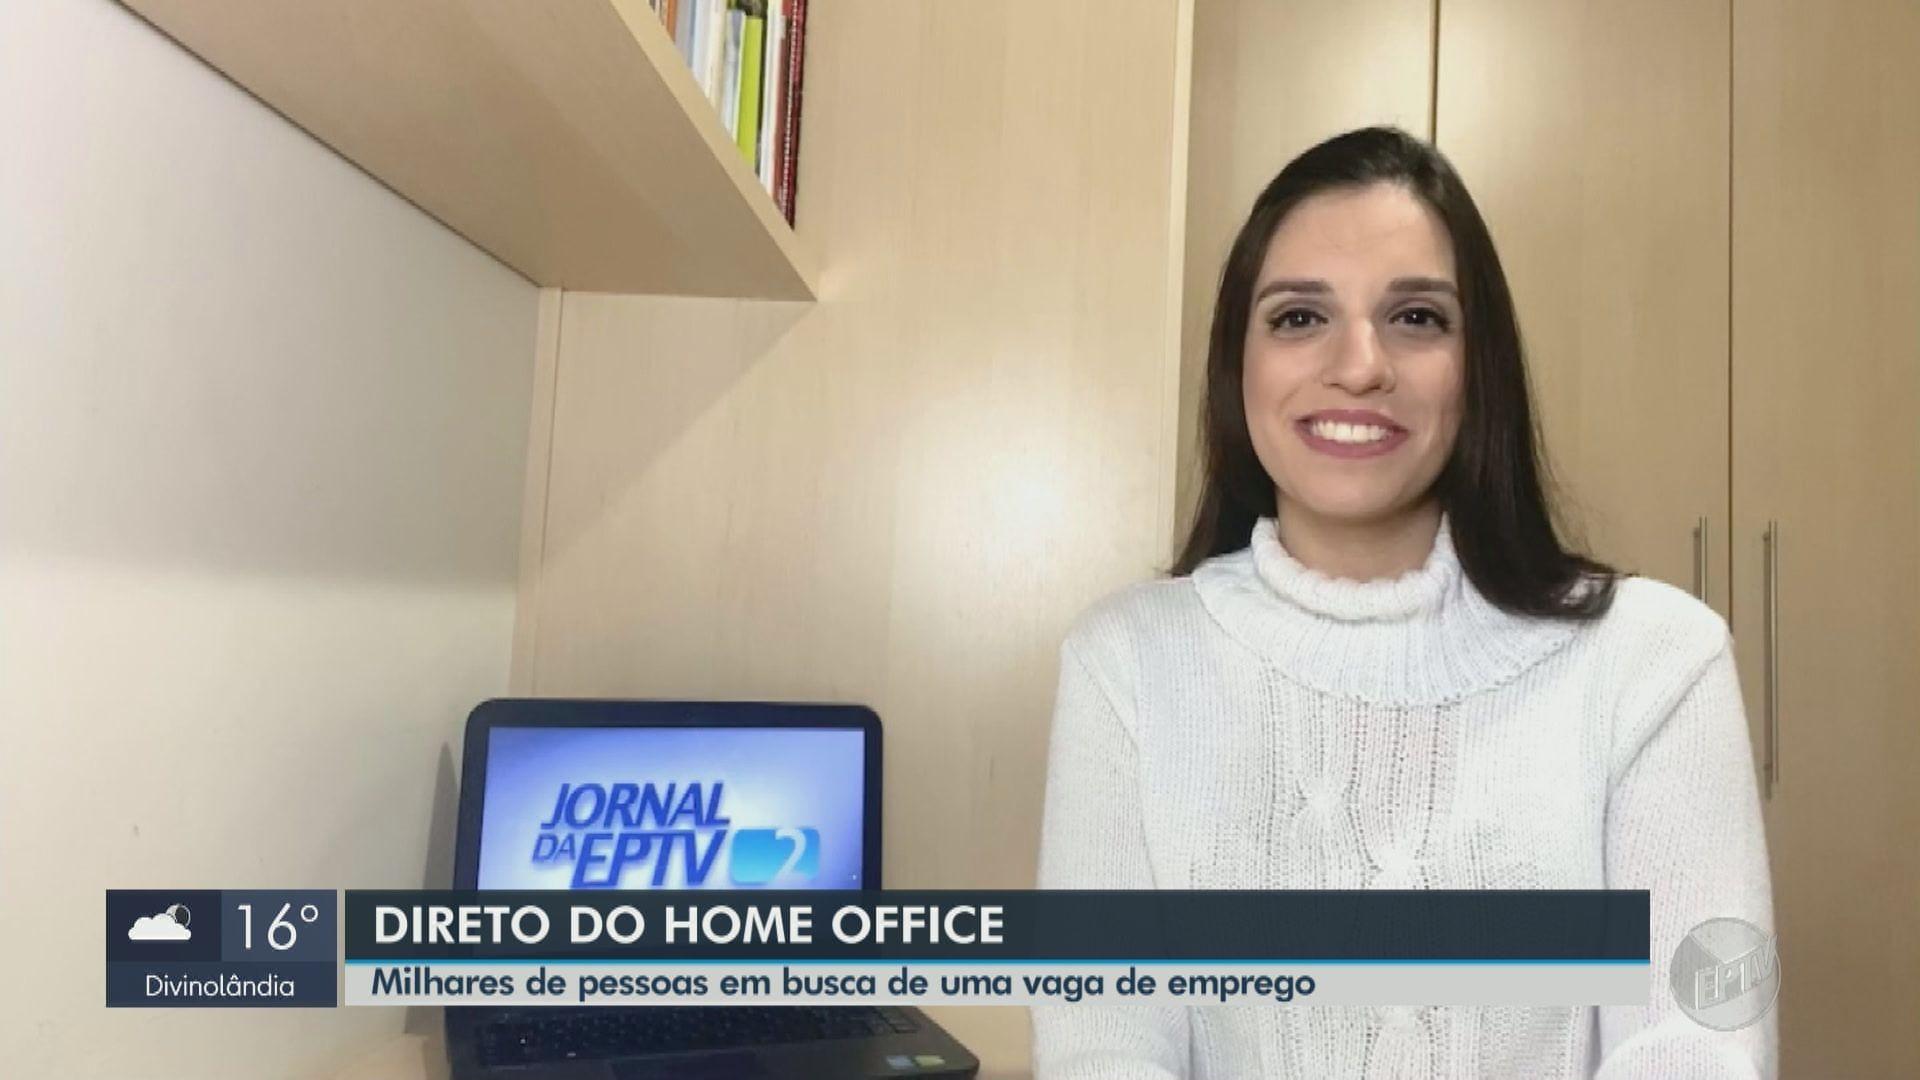 VÍDEOS: Reveja as reportagens do EPTV2 deste sábado, 12 de junho